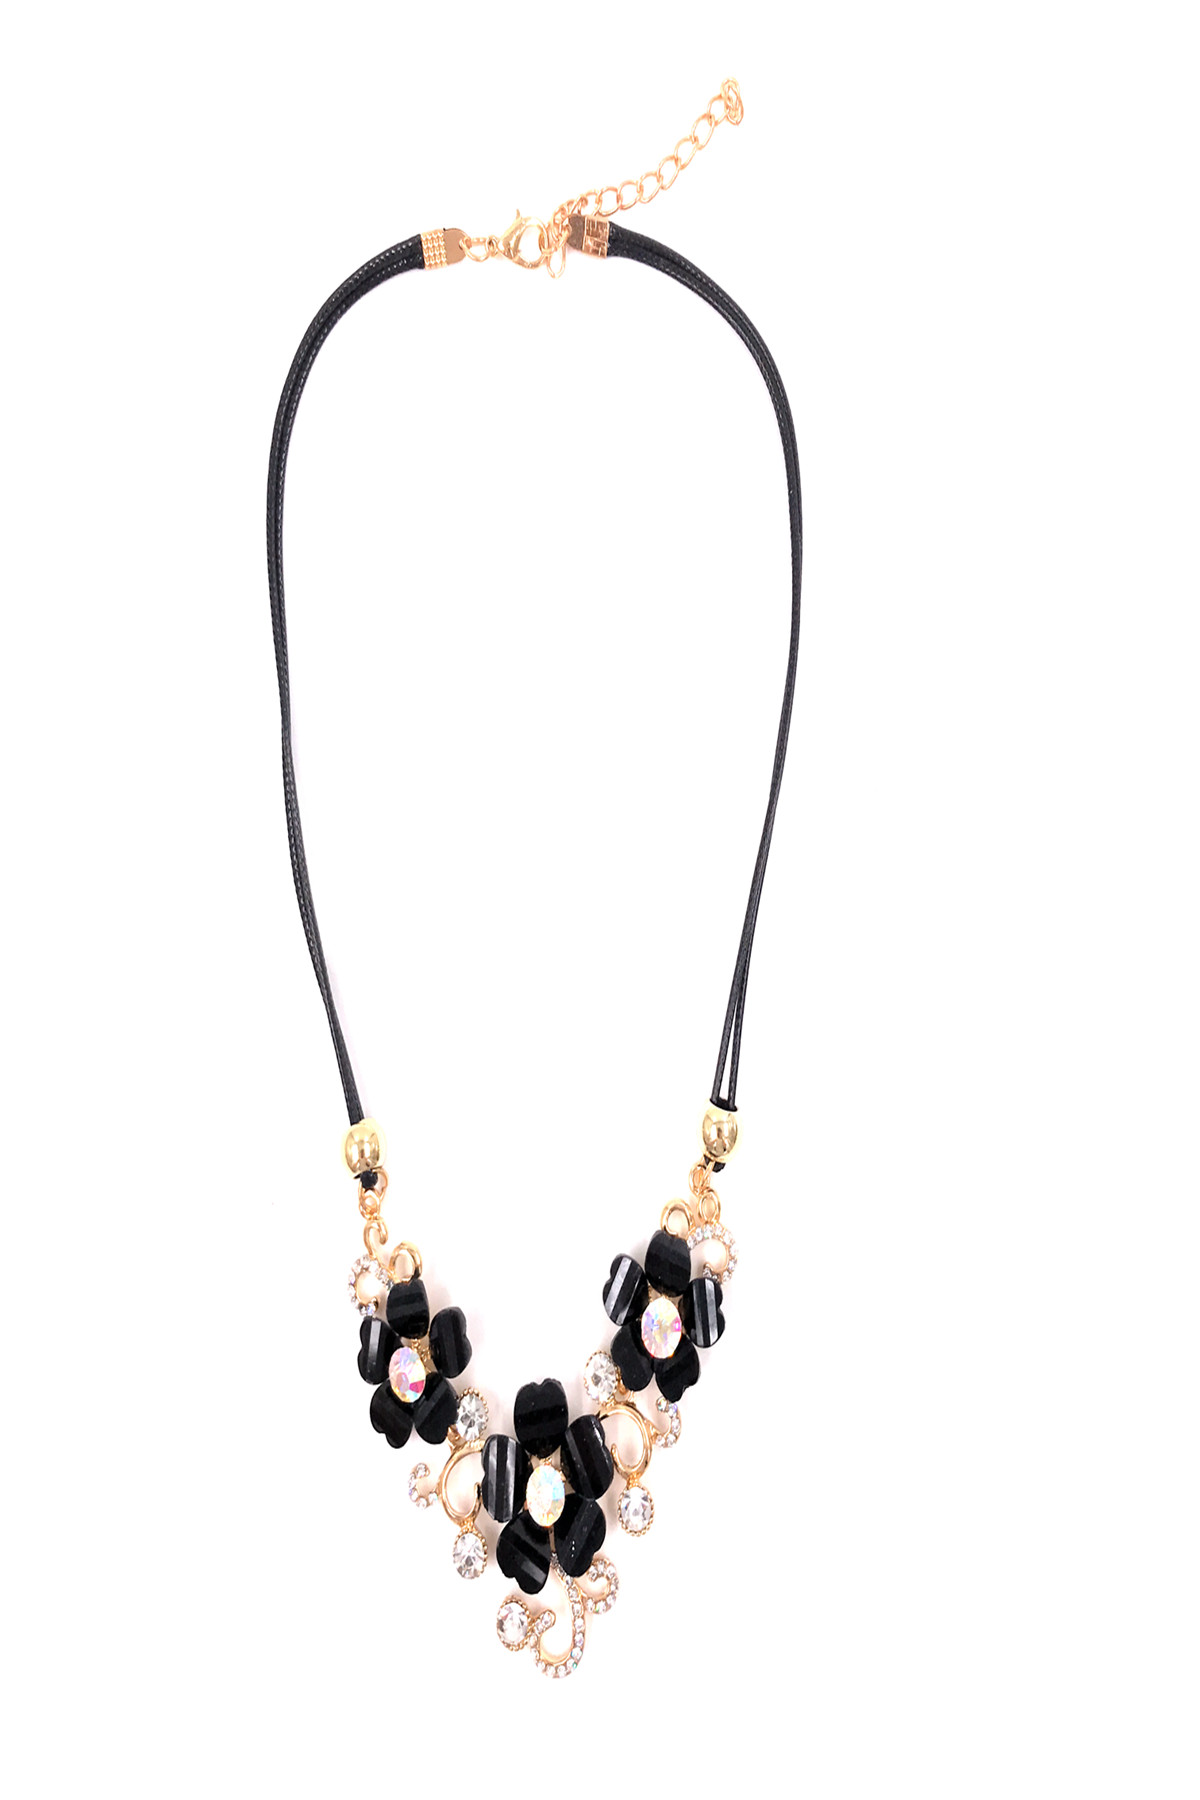 Colliers Accessoires Noir BELLISSIMA 97COL02 #c eFashion Paris